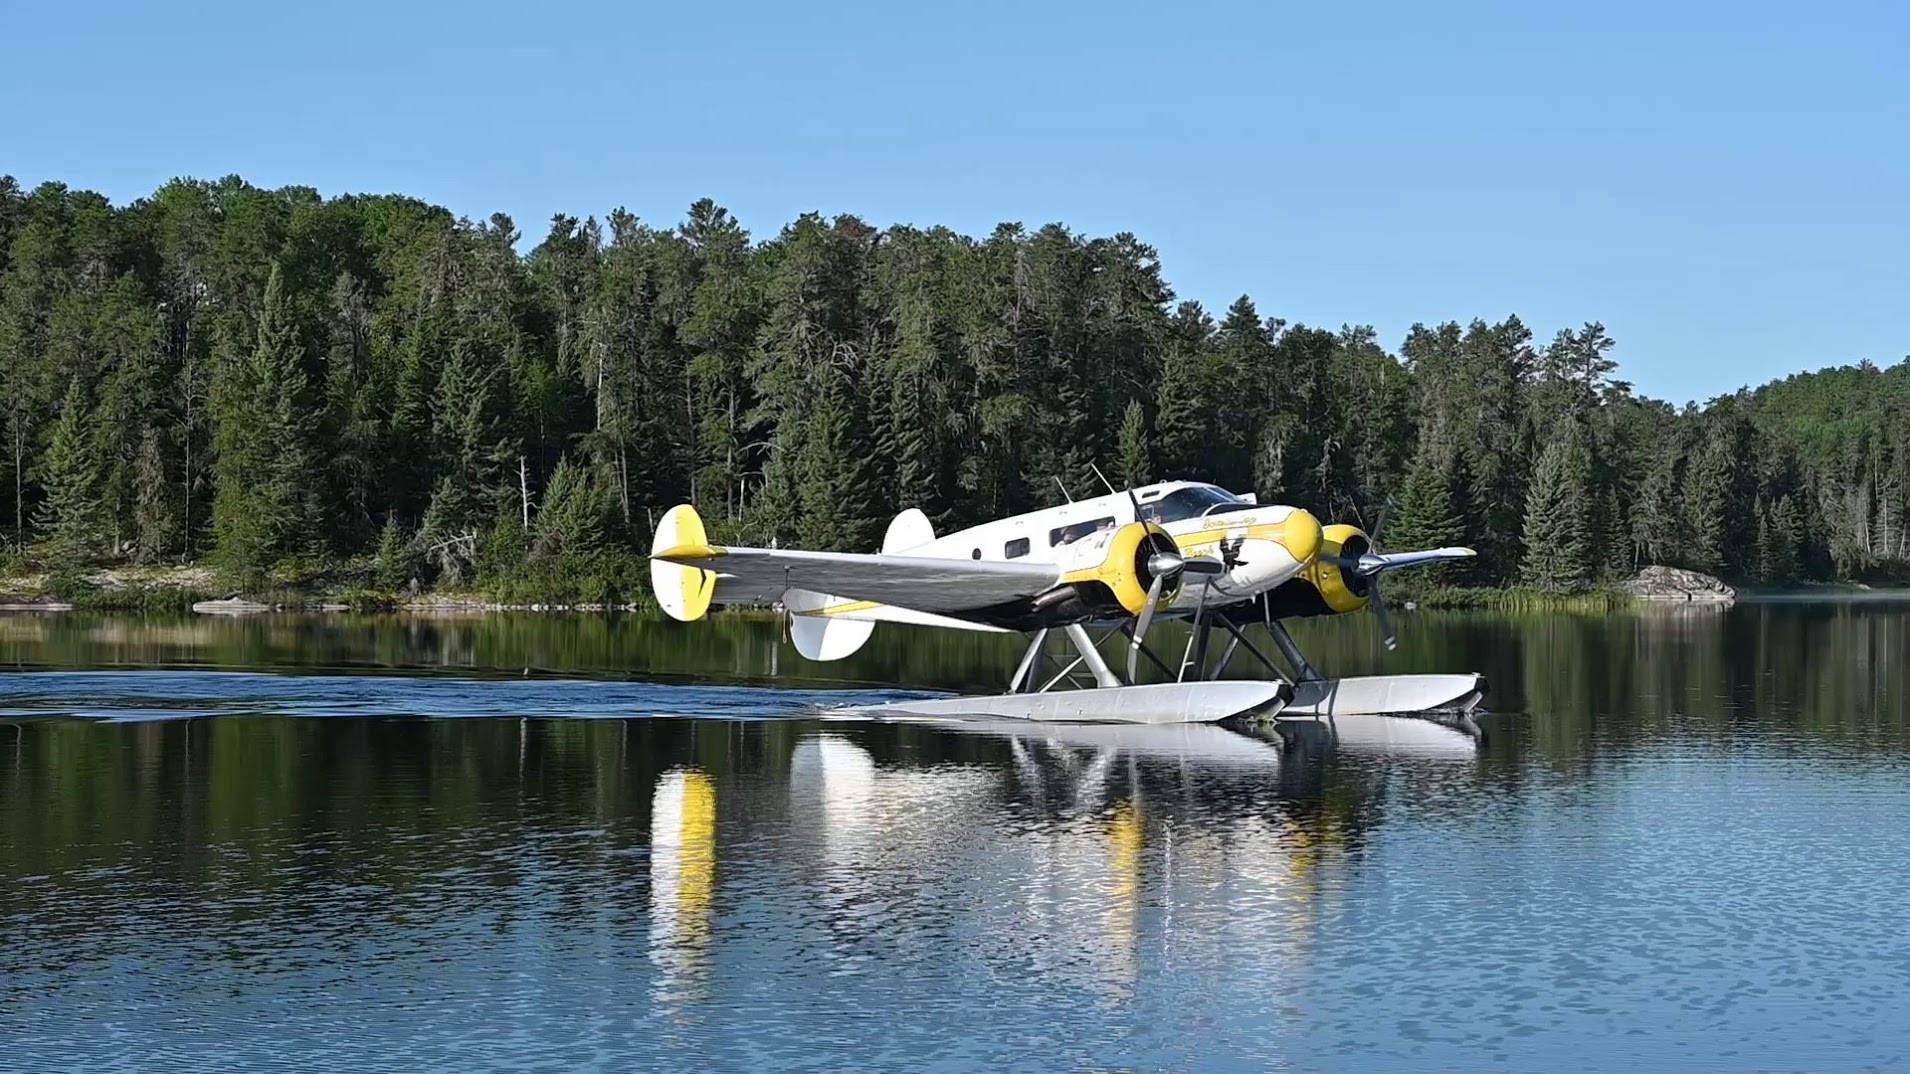 Beech 18 floatplane docking in Ontario.j